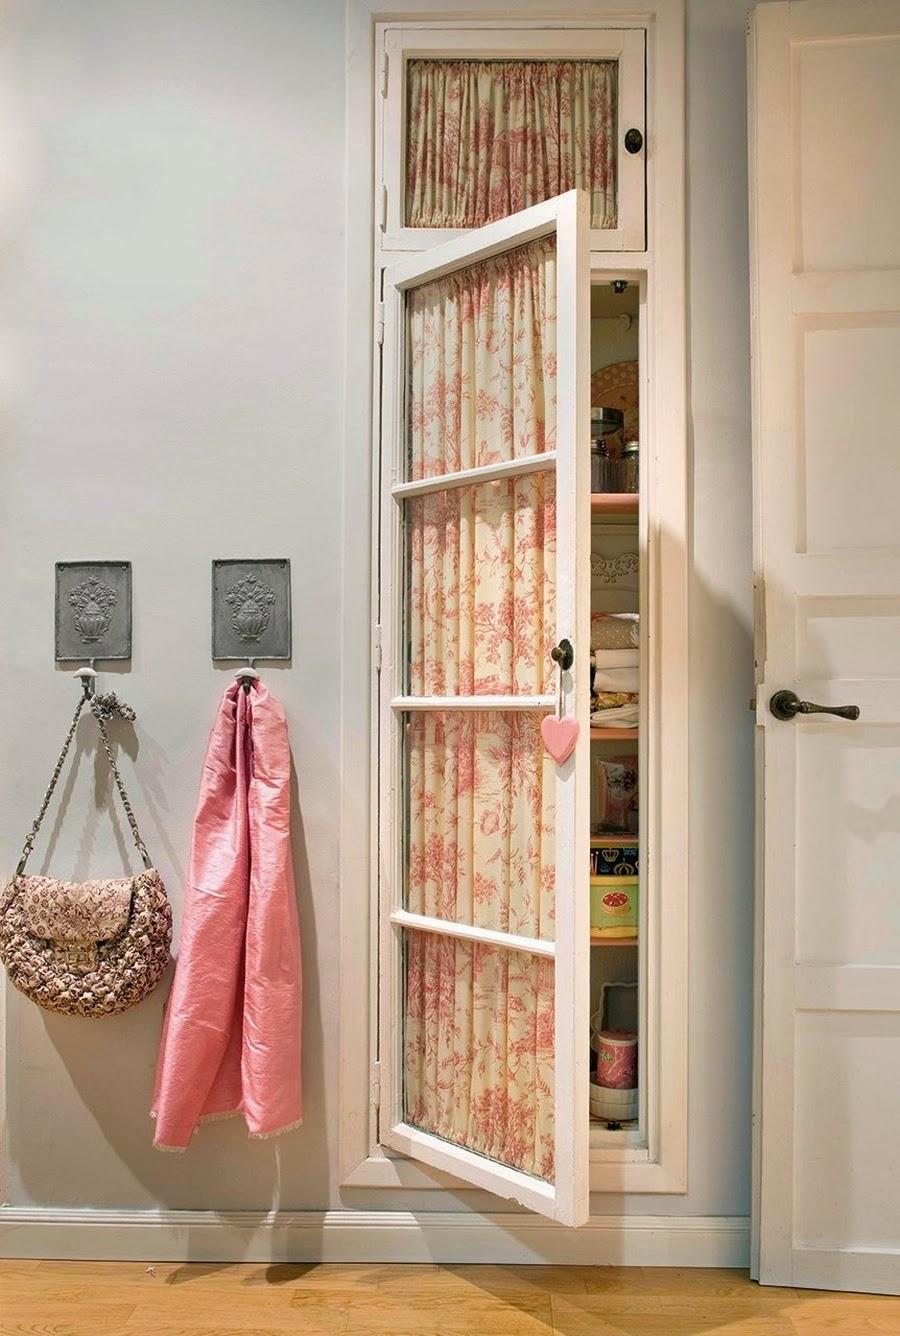 Wystrój wnętrz, home decor, wnętrza, urządzanie mieszkania, styl francuski, styl romantyczny, jasne wnętrza, róż, pastelowy róż, pastelowe kolory, przedpokój